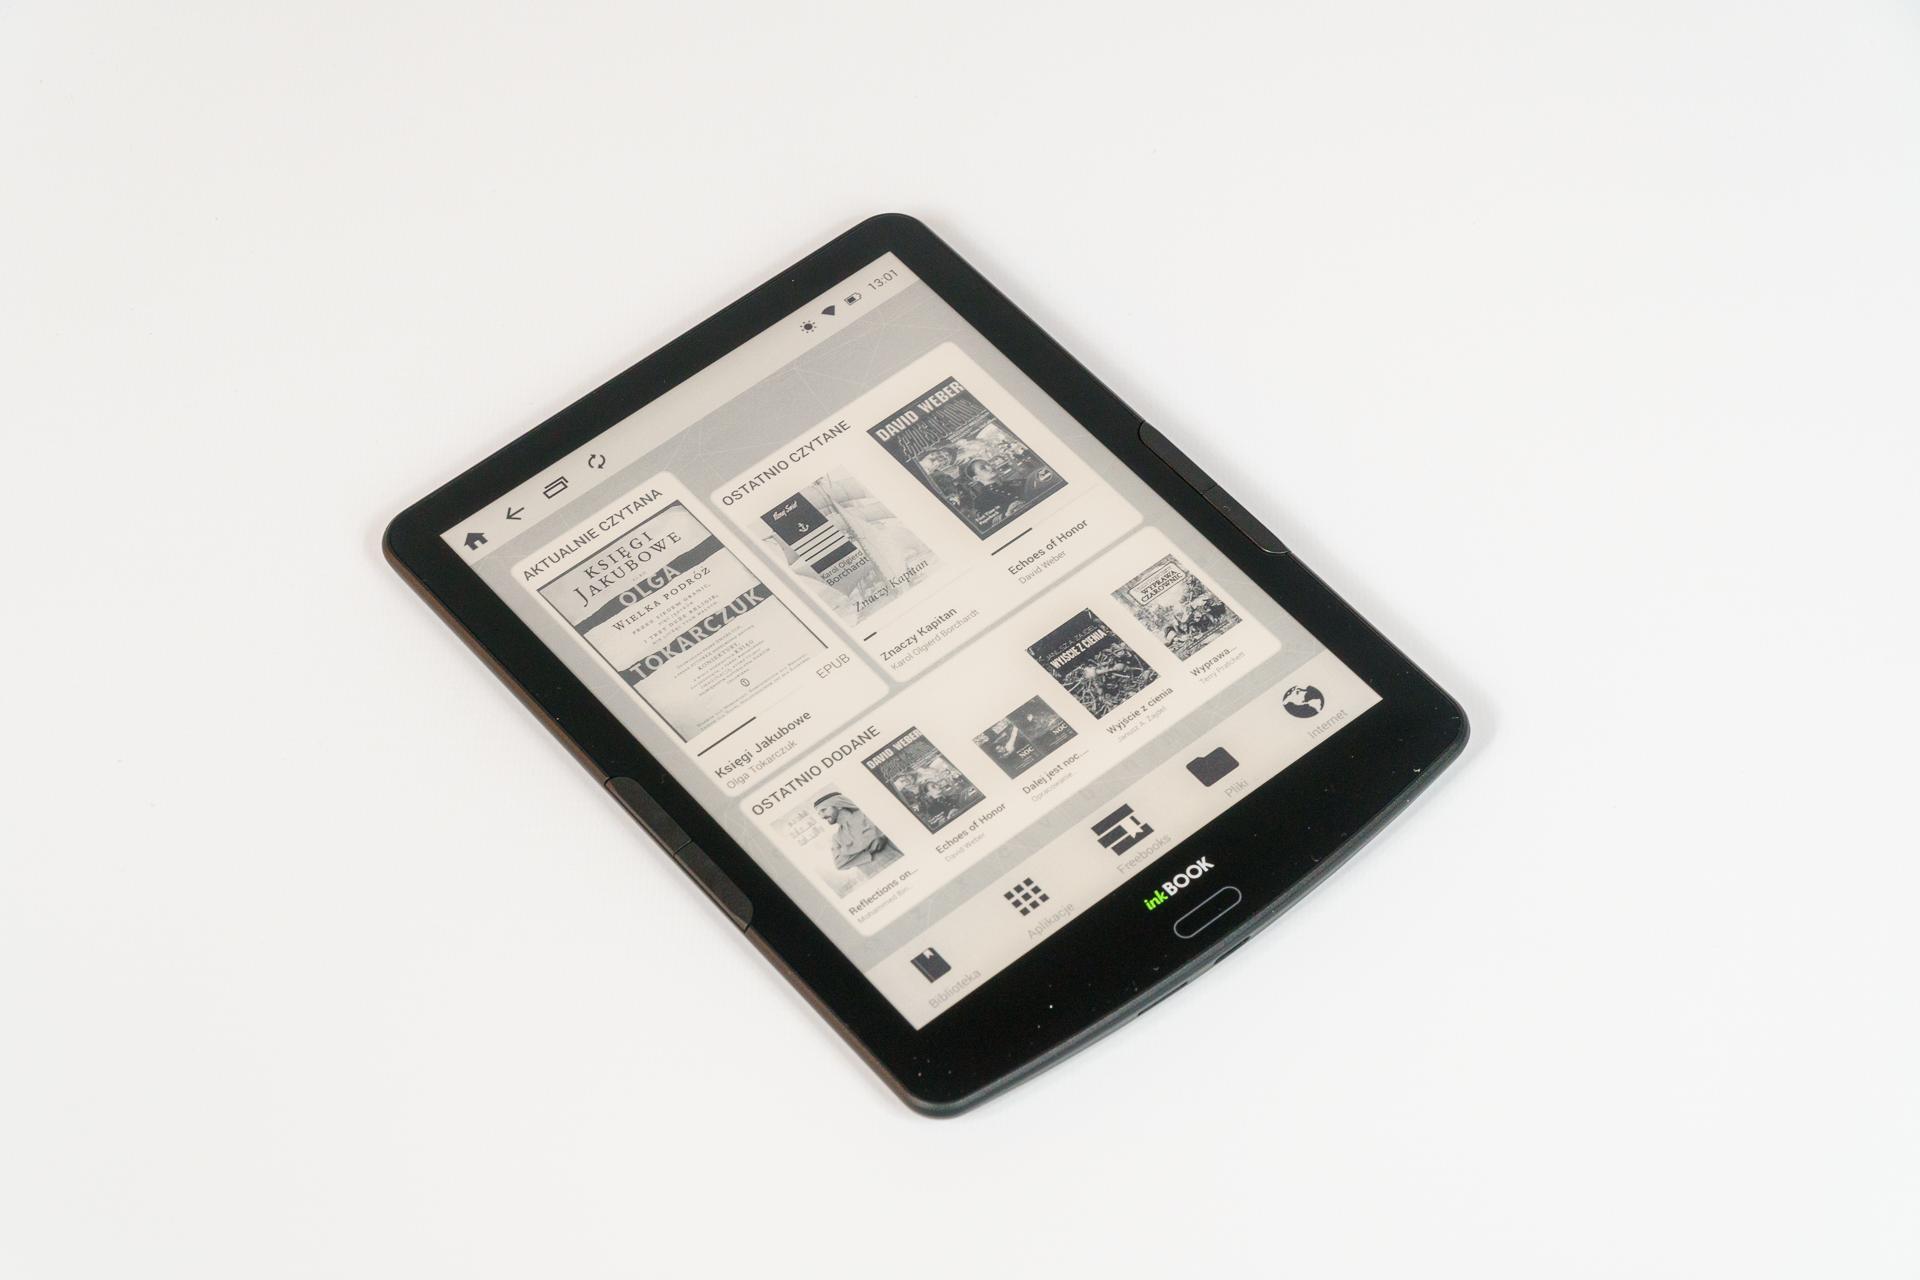 Czytnik InkBOOK Explore - duży ekran i Android na pokładzie (recenzja)